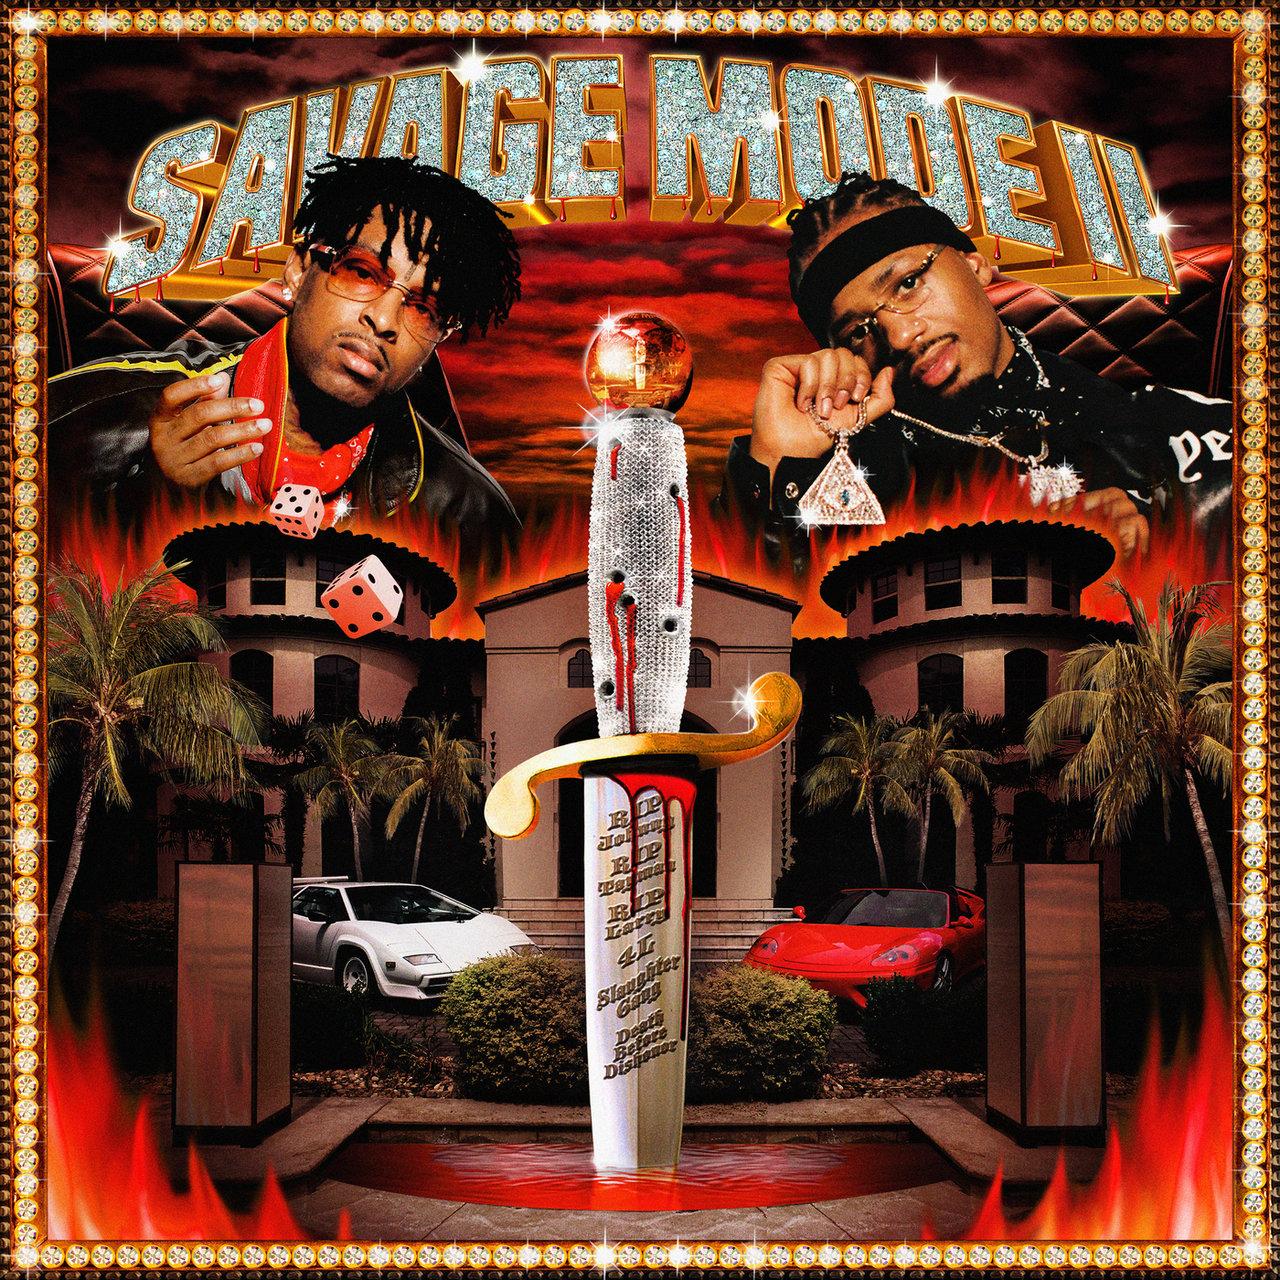 21 Savage and Metro Boomin - Savage Mode II (Cover)